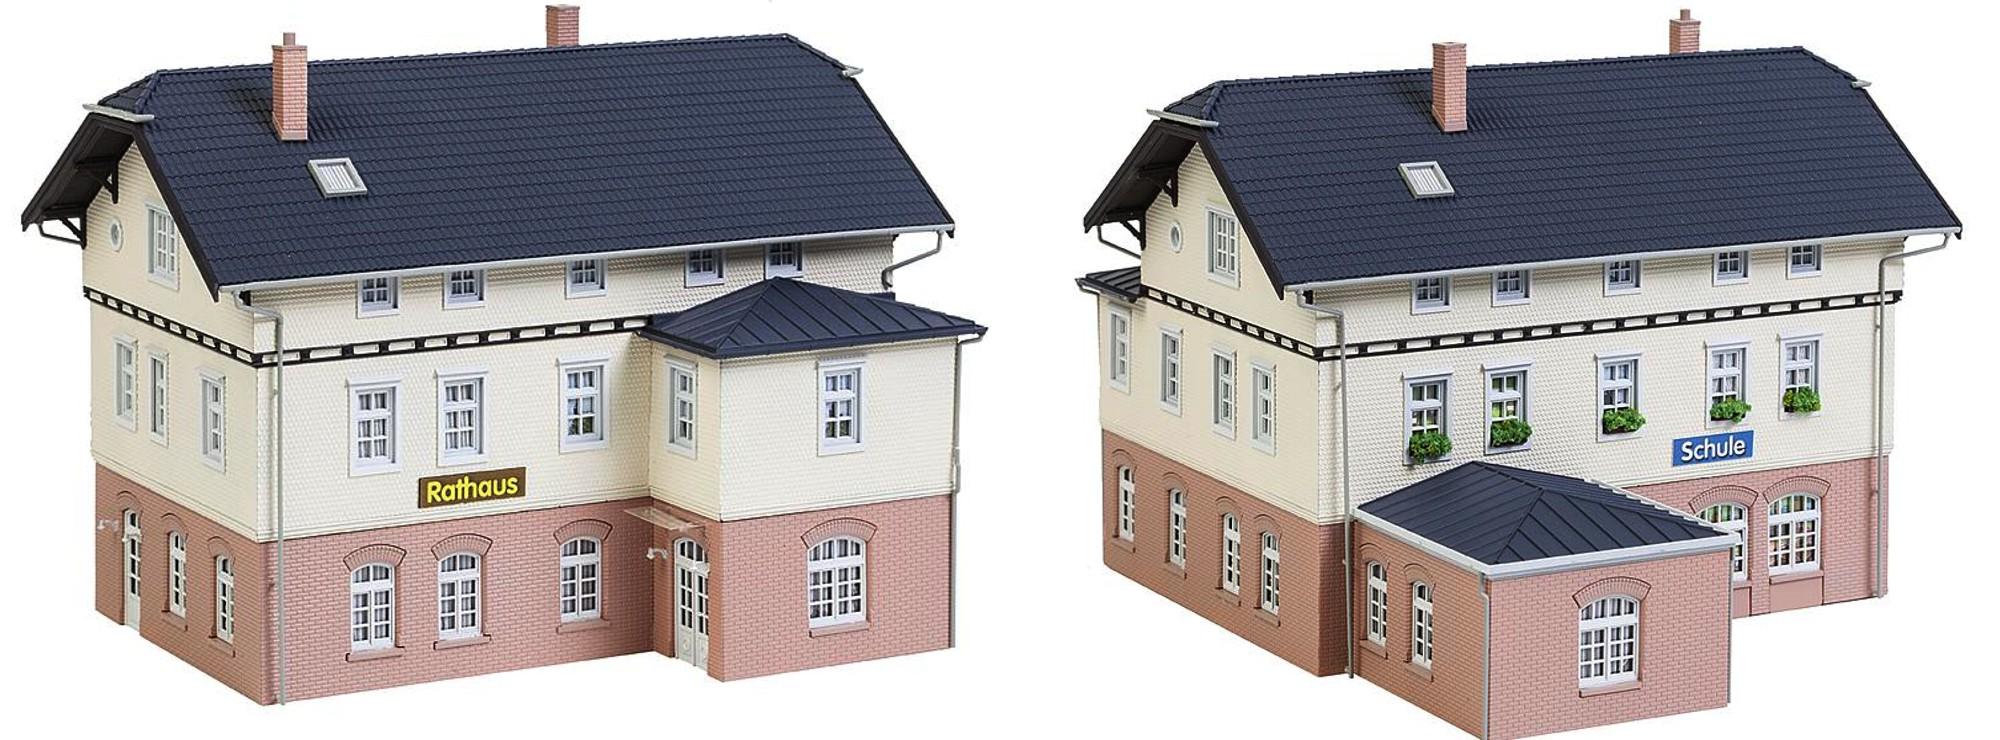 Faller 130457 Rathaus mit Schule